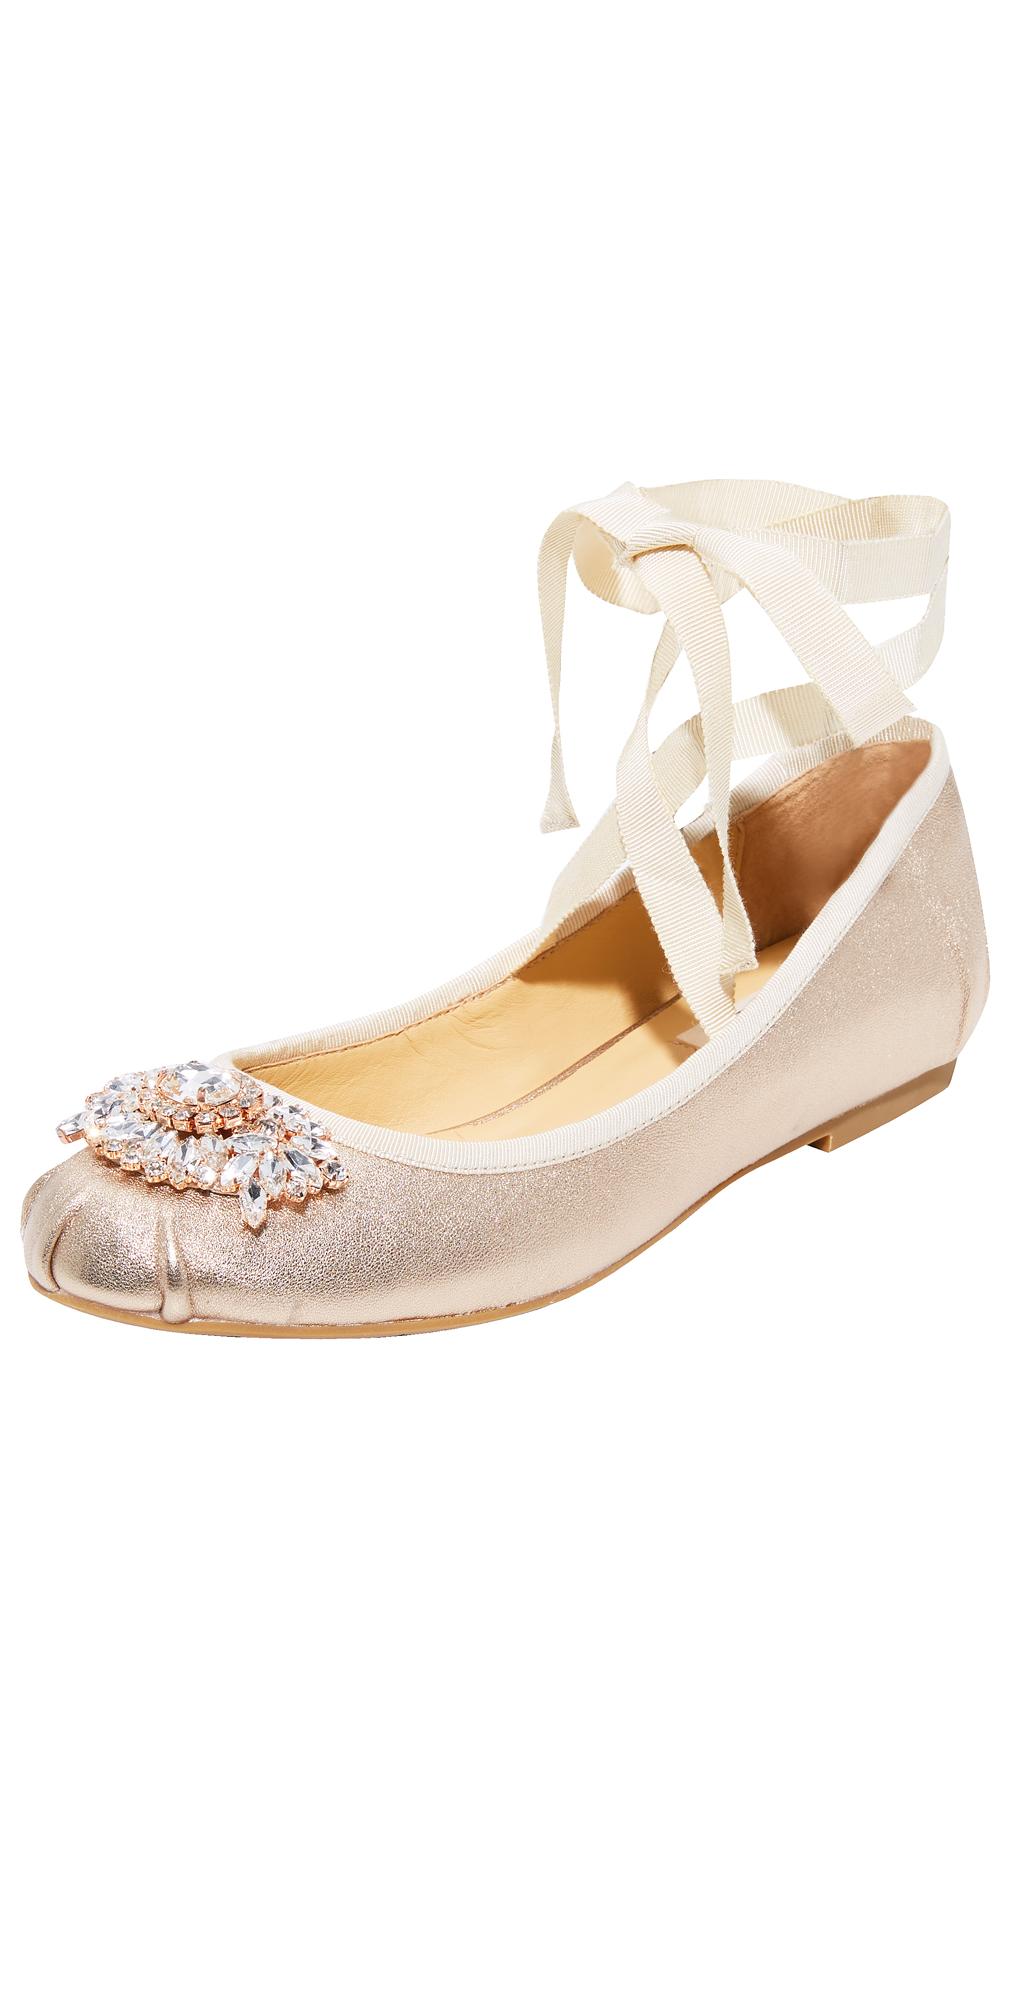 Karter II Ballet Flats Badgley Mischka